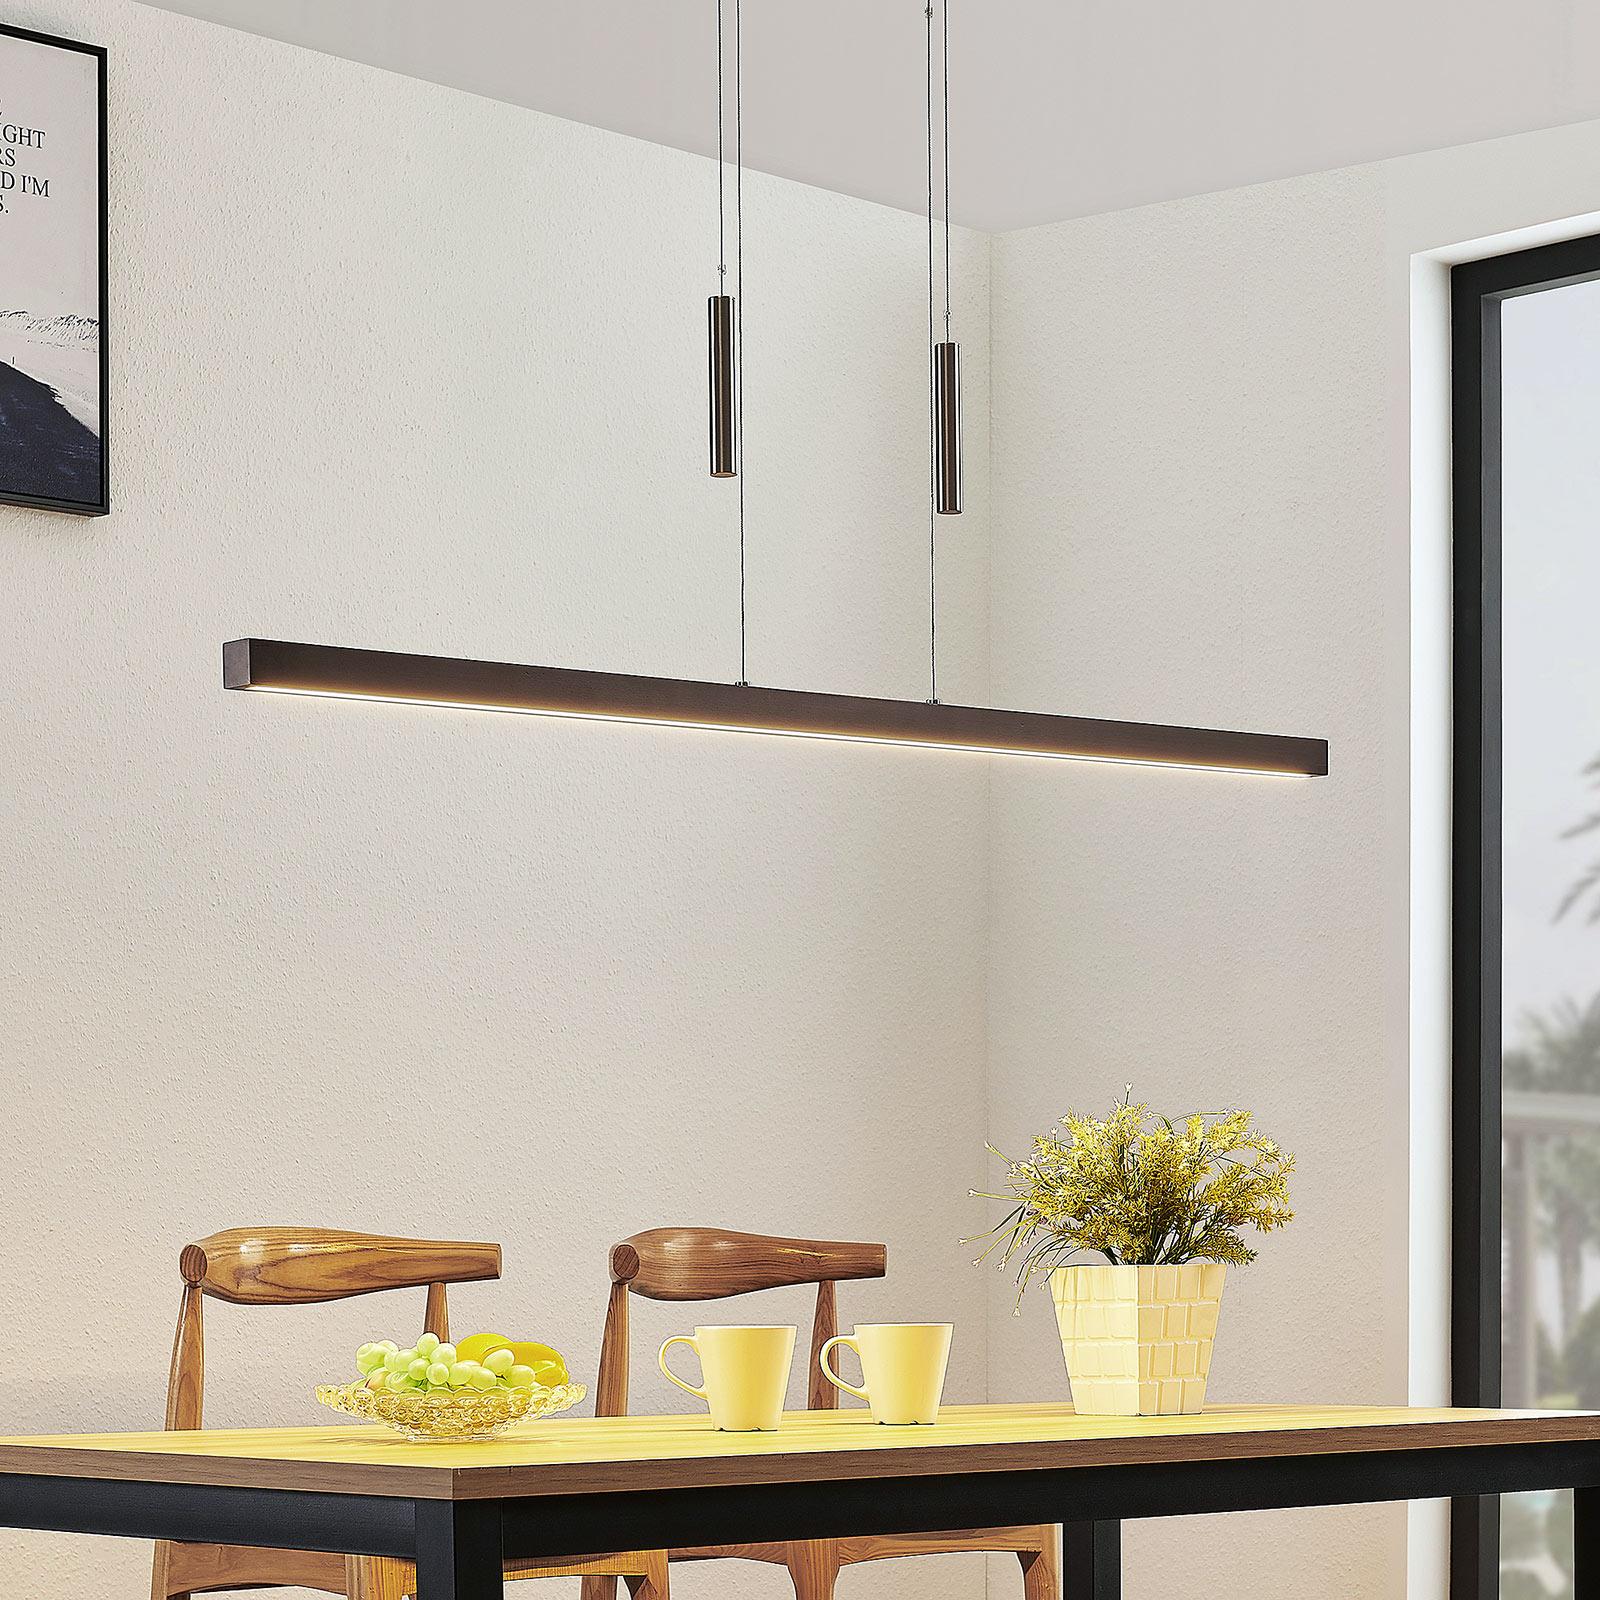 LED-bjelkependellampe i tre Tamlin, svart valnøtt